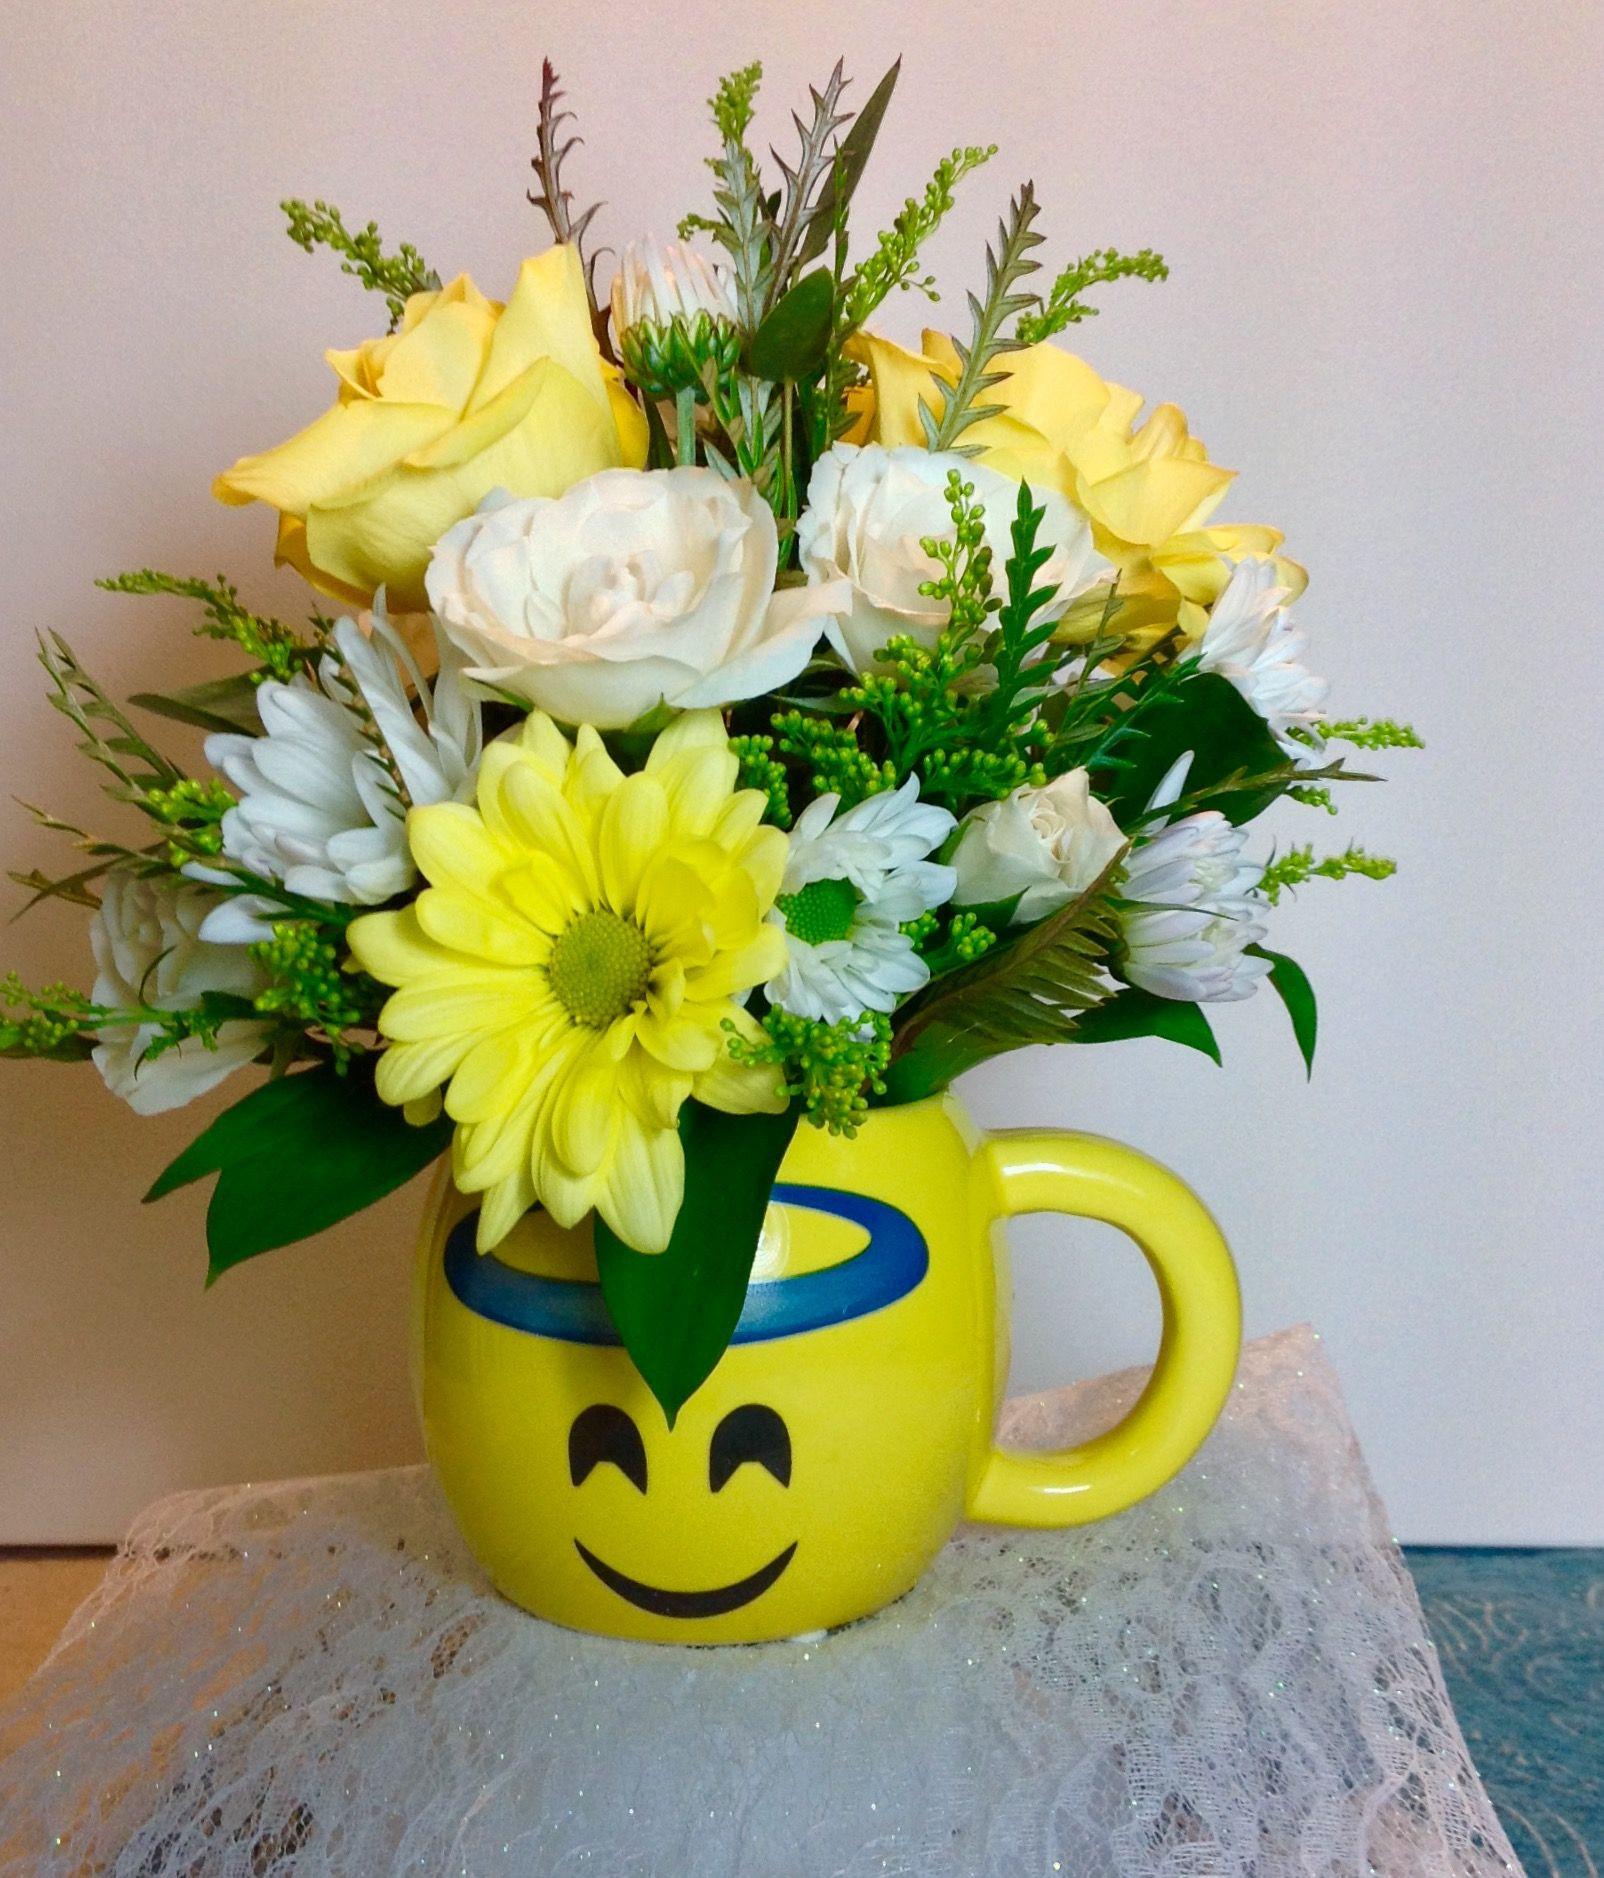 chandelier vase toppers of emoji fresh floral arrangement by daly floral designs my floral with regard to emoji fresh floral arrangement by daly floral designs